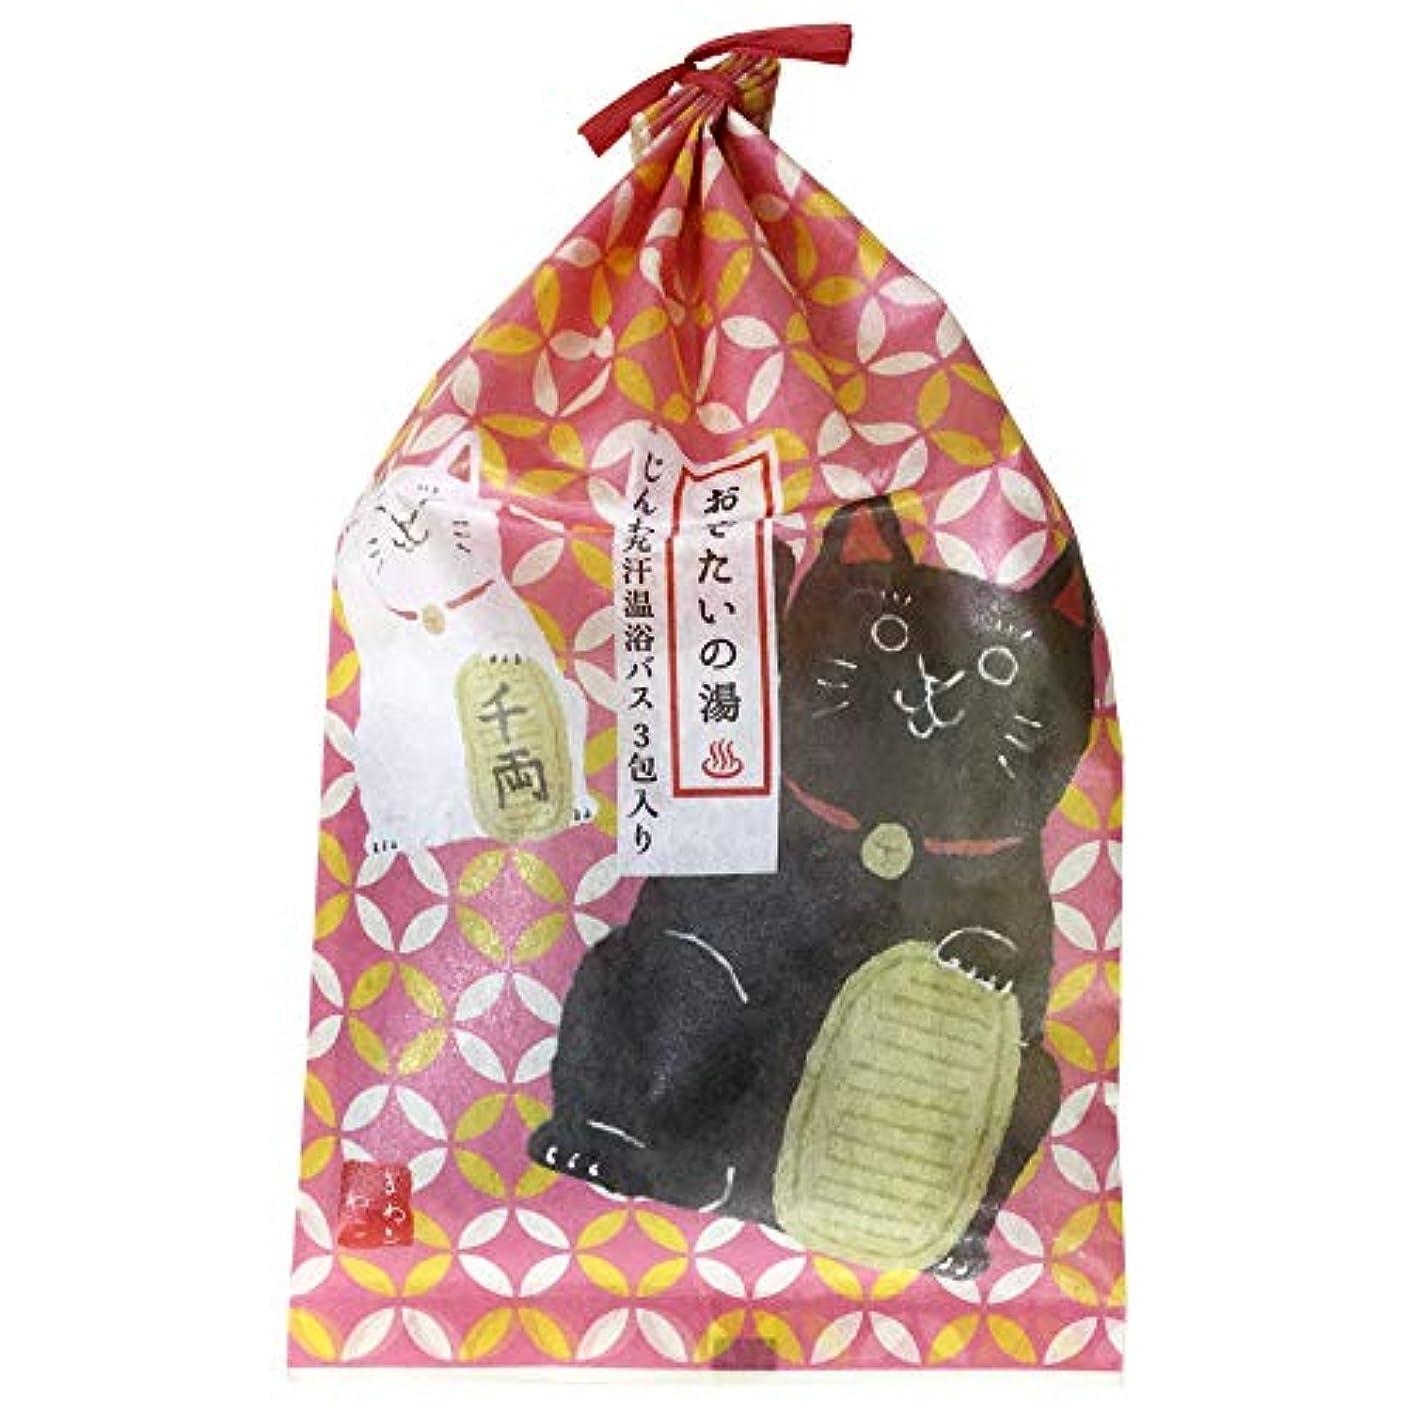 グレー代わって鋭く【招き猫(60789)】 チャーリー おめでたいの湯 バスバッグ3包入り 日本製